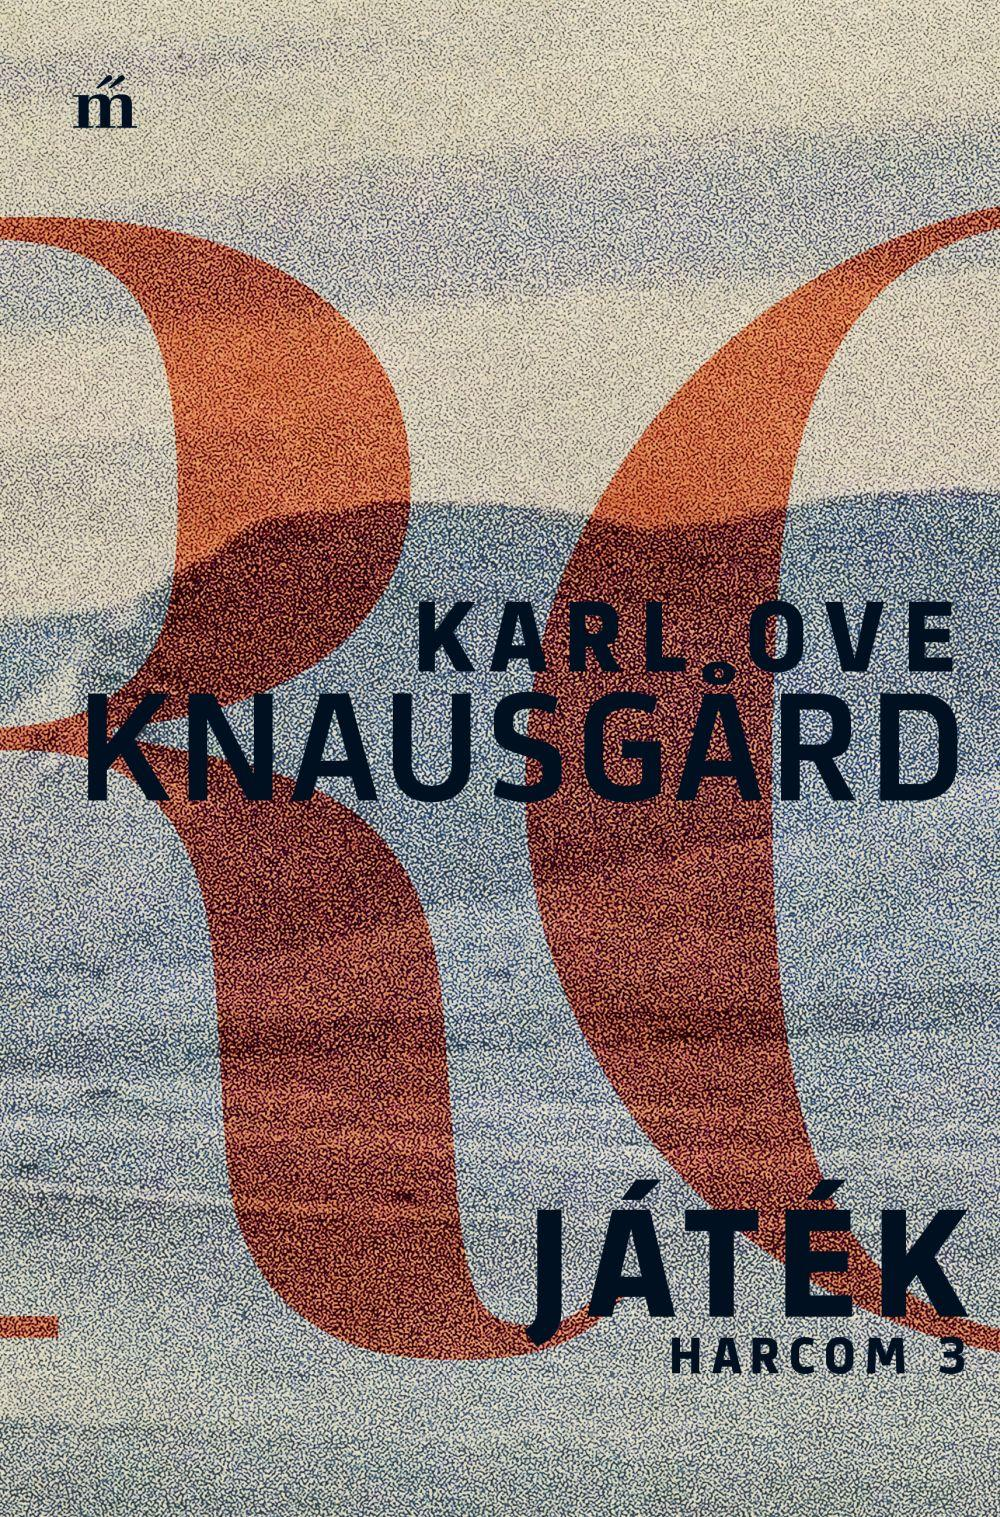 Knausgaard, Karl Ove - Játék - Harcom 3.